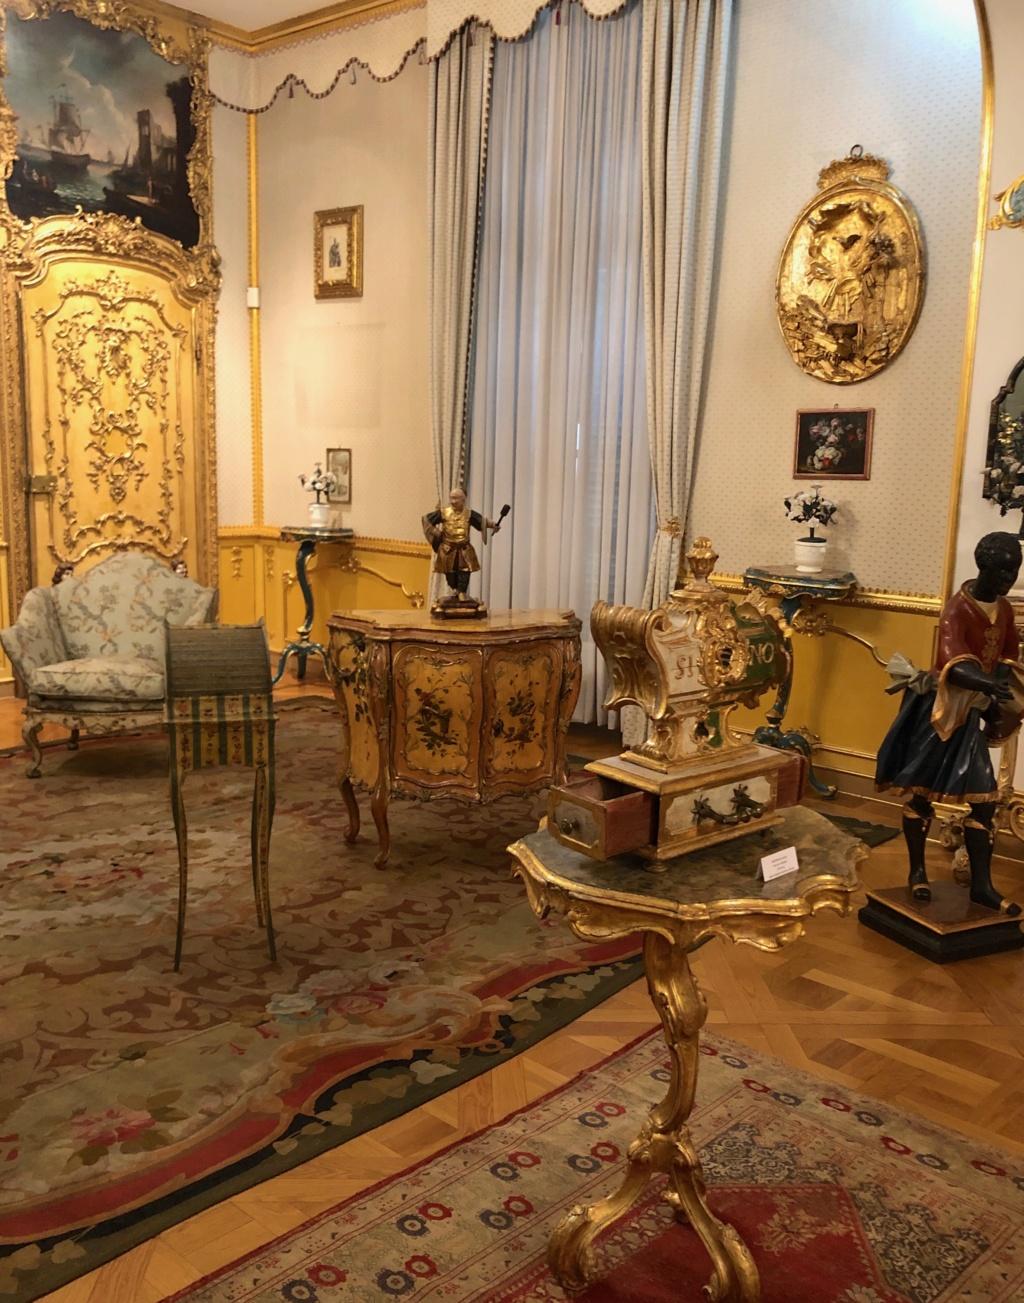 Visite de la Fondation Accorsi - Ometto, musée des arts décoratifs (Turin) : le Cognacq-Jay turinois Img_5535